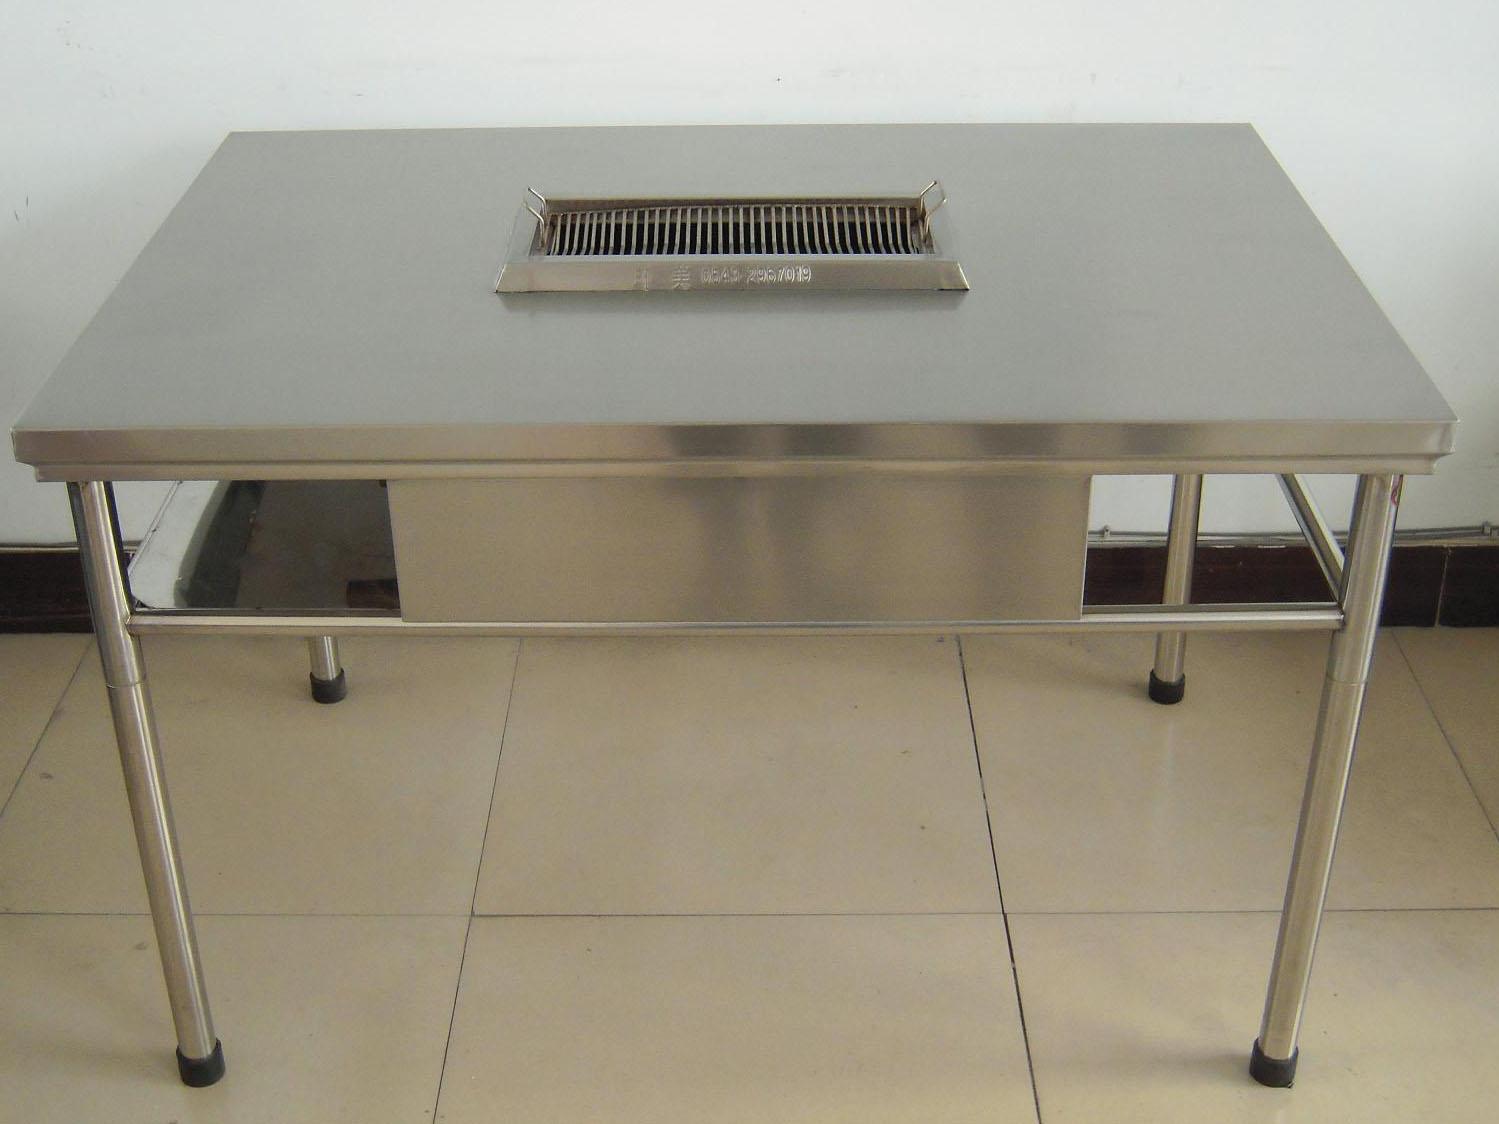 烧烤桌-258.com企业服务平台